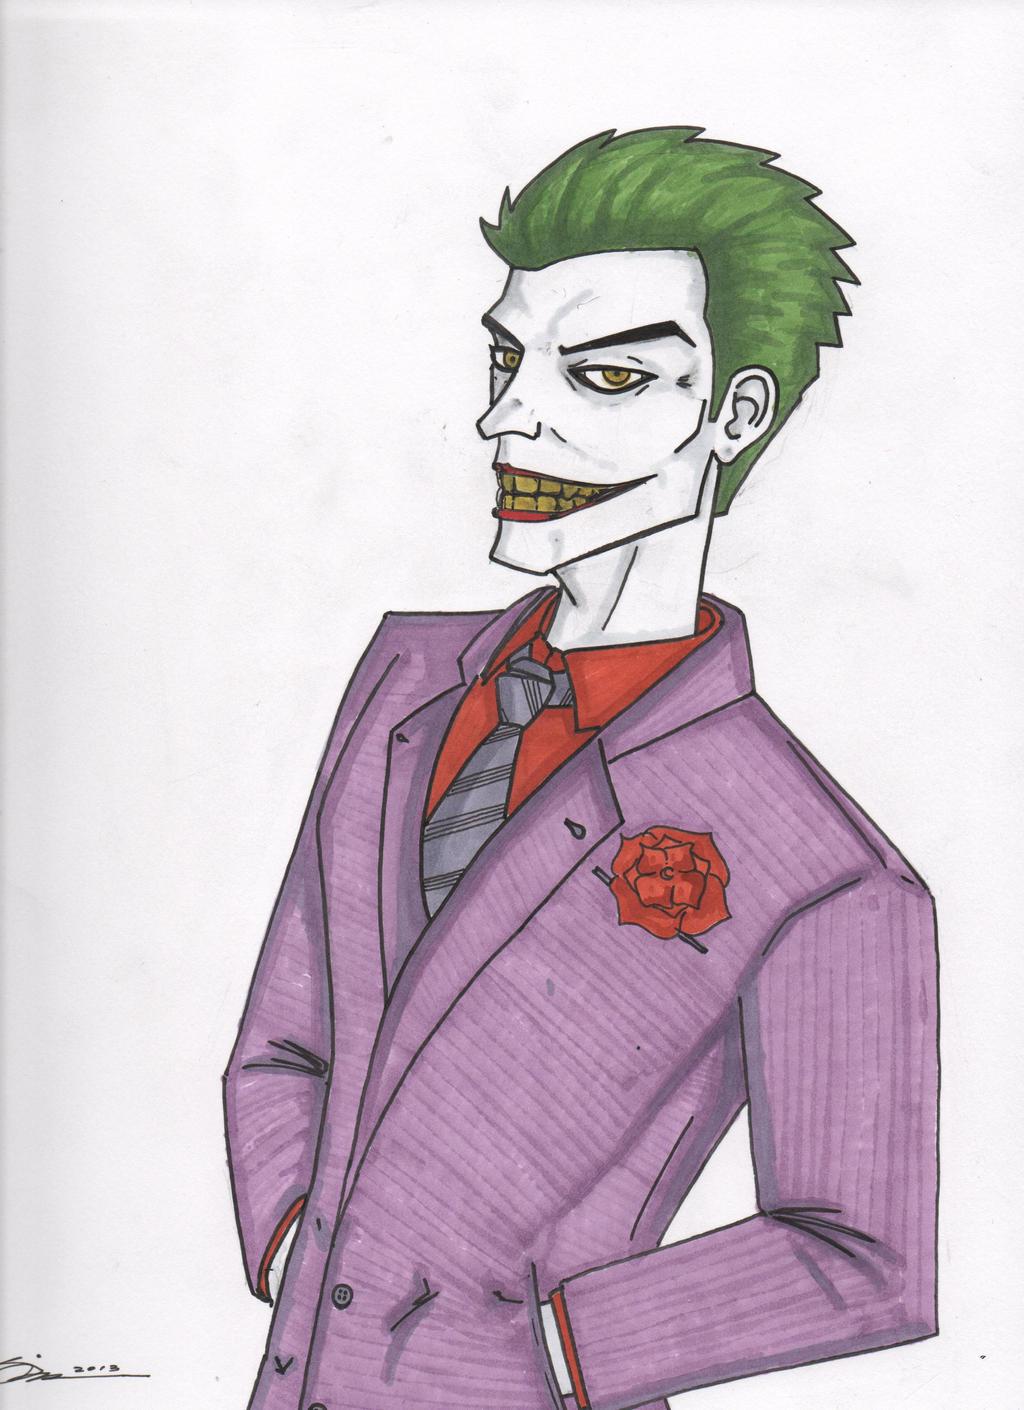 The Joker by Wicked-Texan